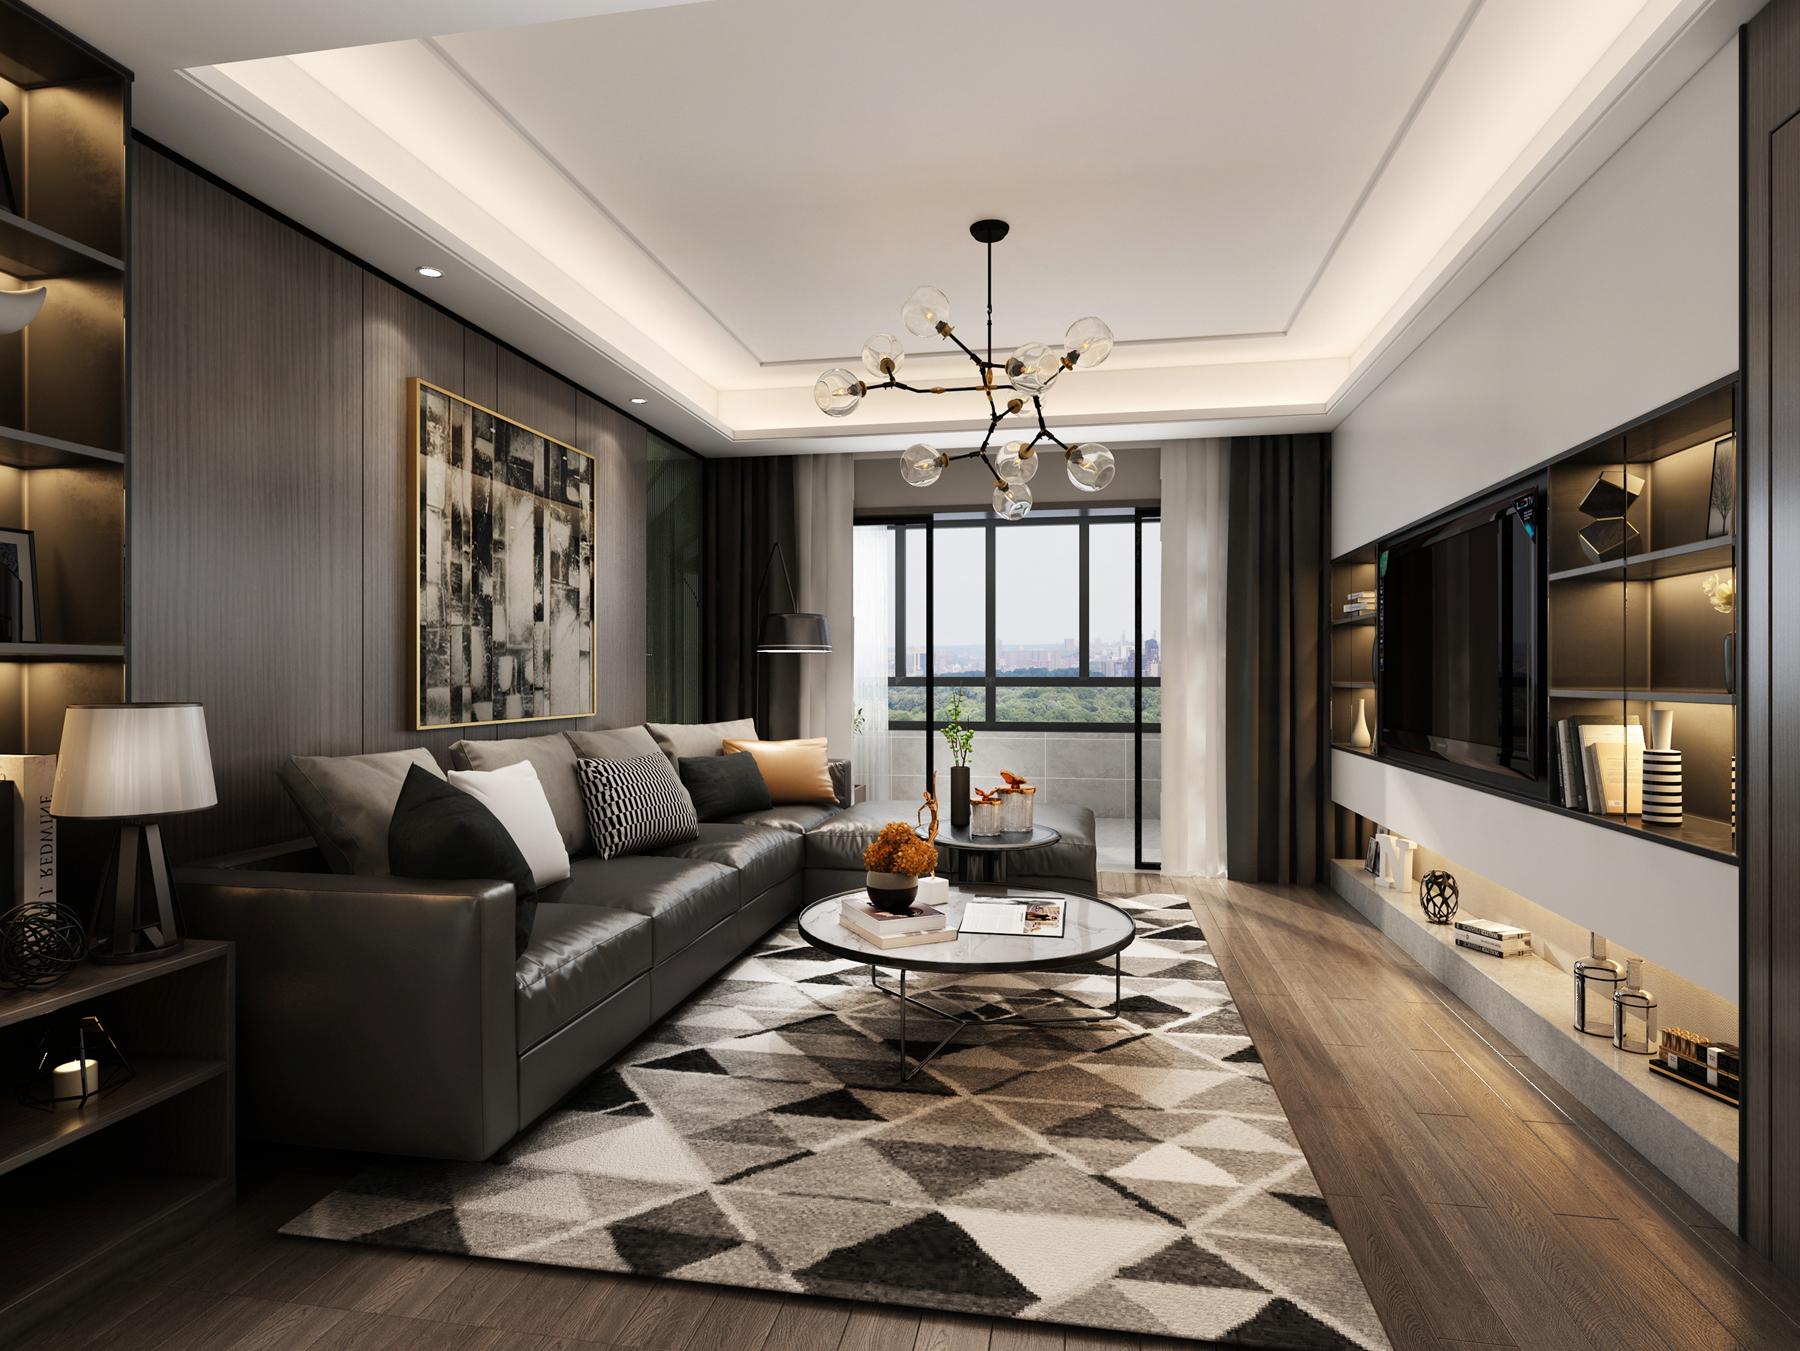 现代简约风格-万科翡翠天地-三室两厅-145㎡-360°装修实景效果图